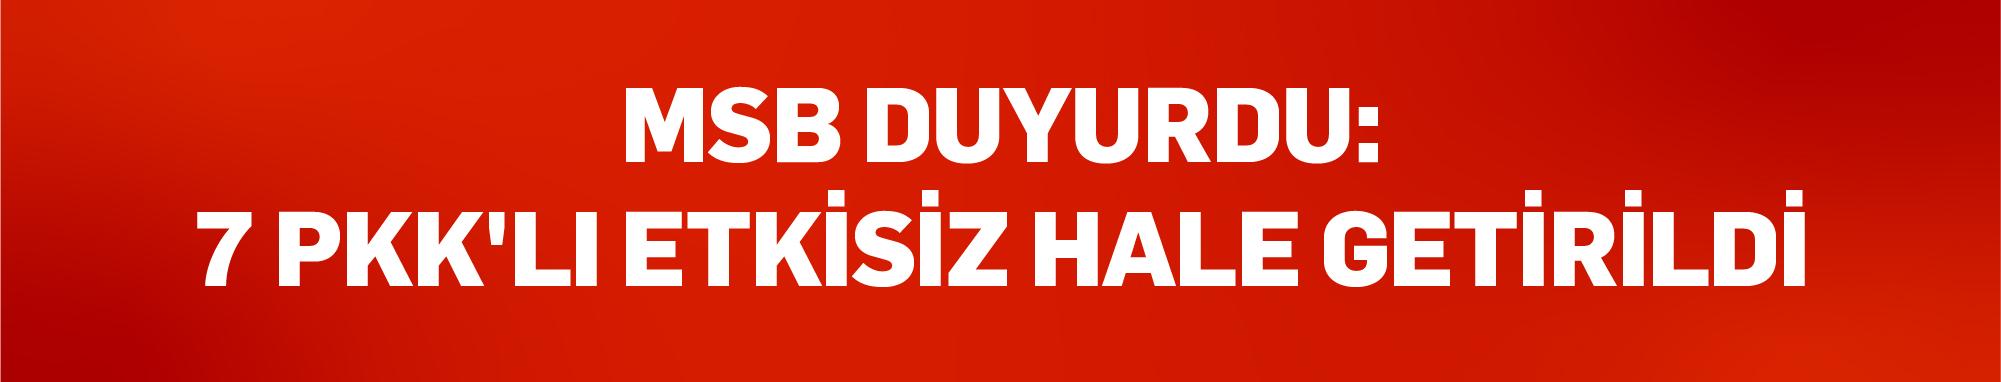 MSB duyurdu:7 PKK'lı etkisiz hale getirildi